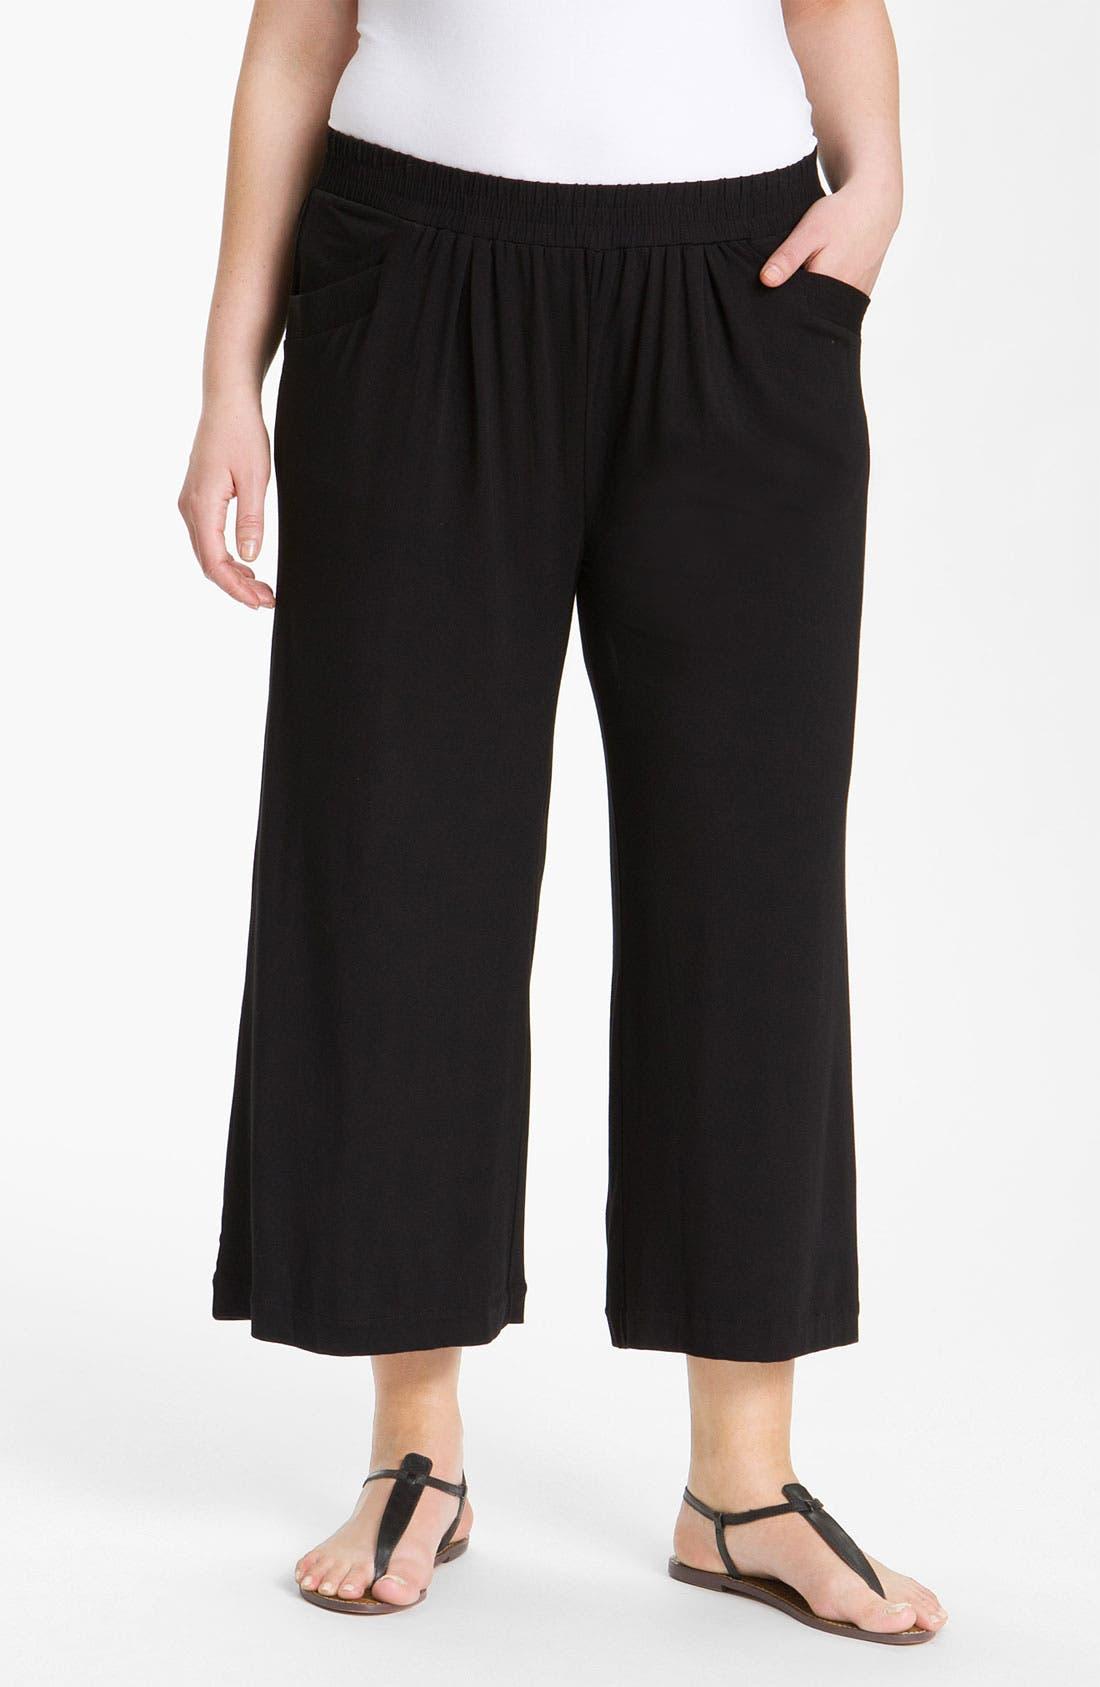 Alternate Image 1 Selected - Sejour Wide Leg Crop Knit Pants (Plus)